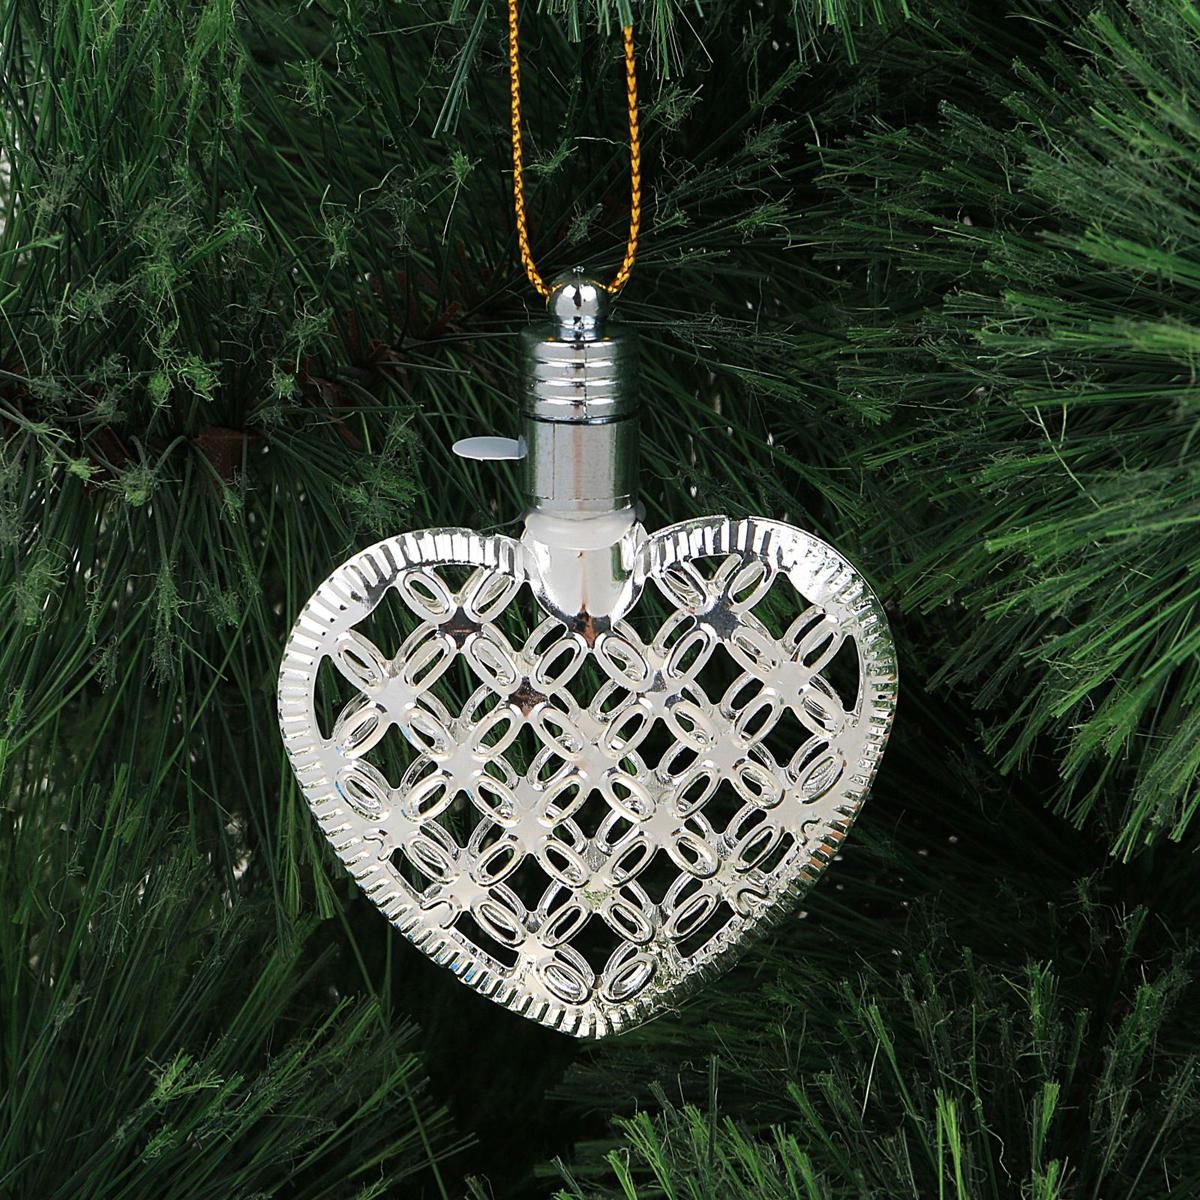 Украшение новогоднее подвесное Luazon Lighting Сердце, световое, цвет: серебристый, 7,5 см2327173Световая новогодняя подвеска Luazon Lighting выполнена из металла в виде сердца. Елочное украшение выглядит как простая елочная игрушка днем, но при этом остается видимой вечером.Просто включите изделие с наступлением темноты, и оно украсит елку огоньками. Подвеска Luazon Lighting работает от батареек (входят в комплект) и пожаробезопасна, так как светодиоды не нагреваются, в отличие от ламп накаливания.